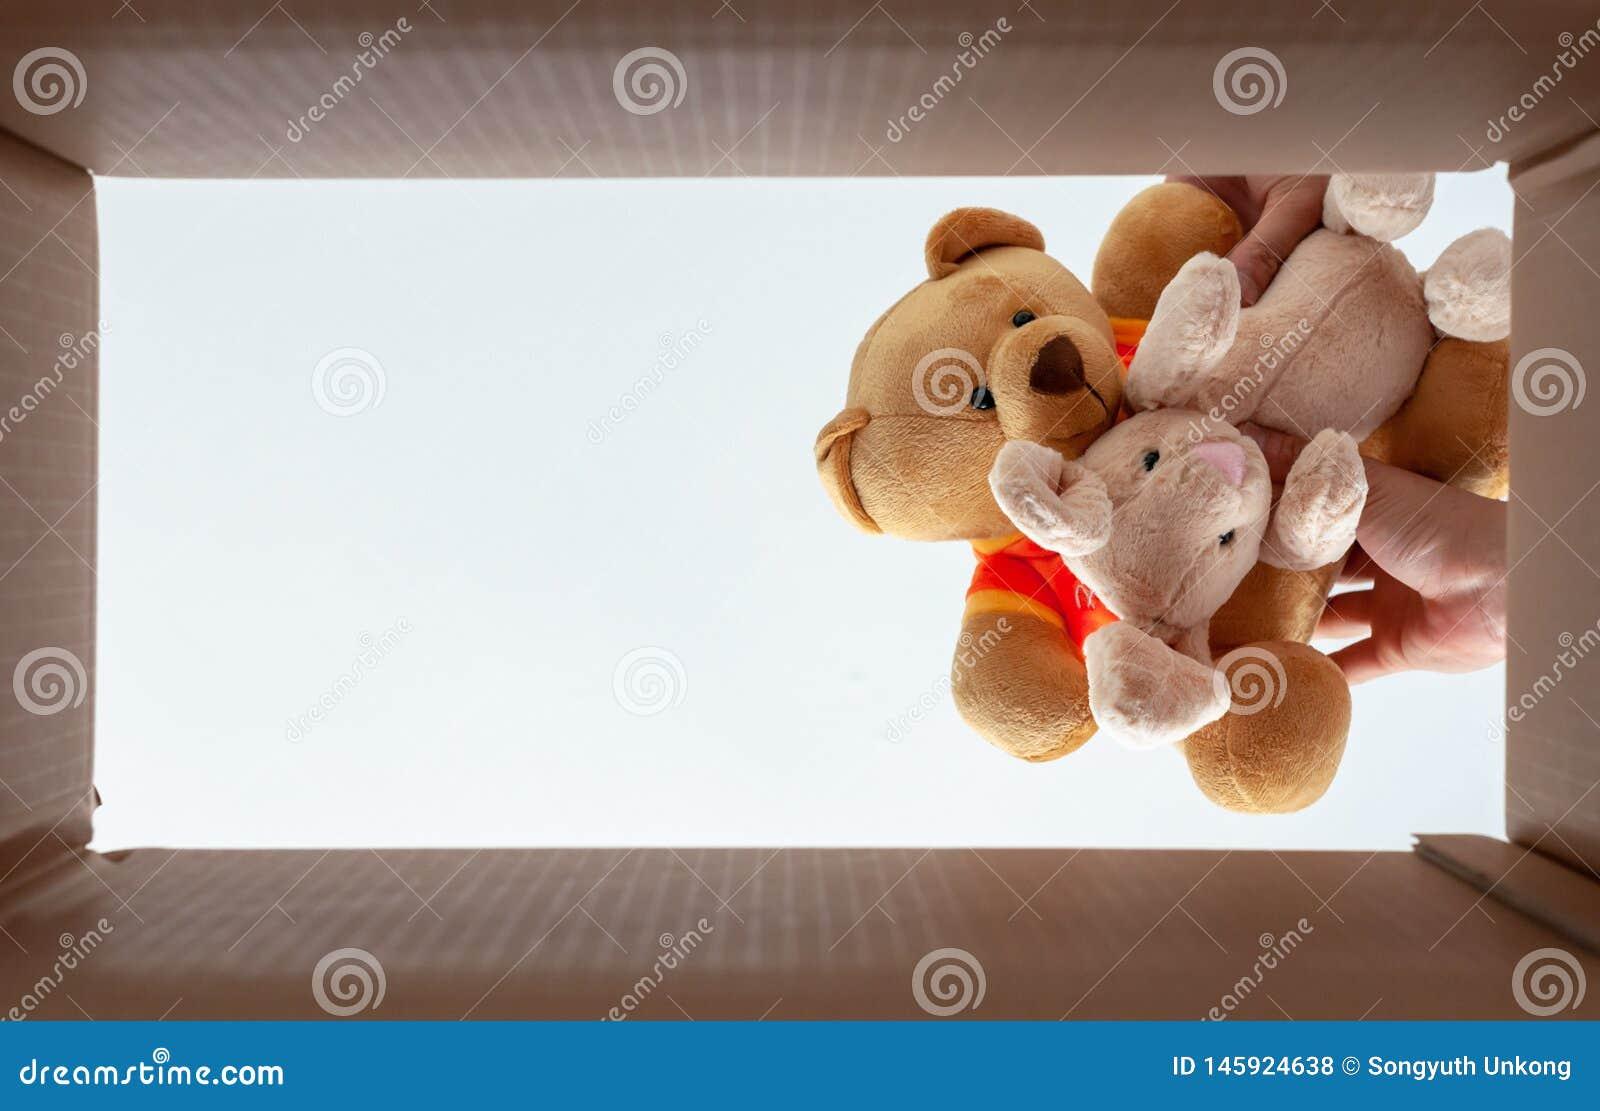 Verpackende Puppen im Kasten für Umzug Foto nimmt von der Ansicht von unten